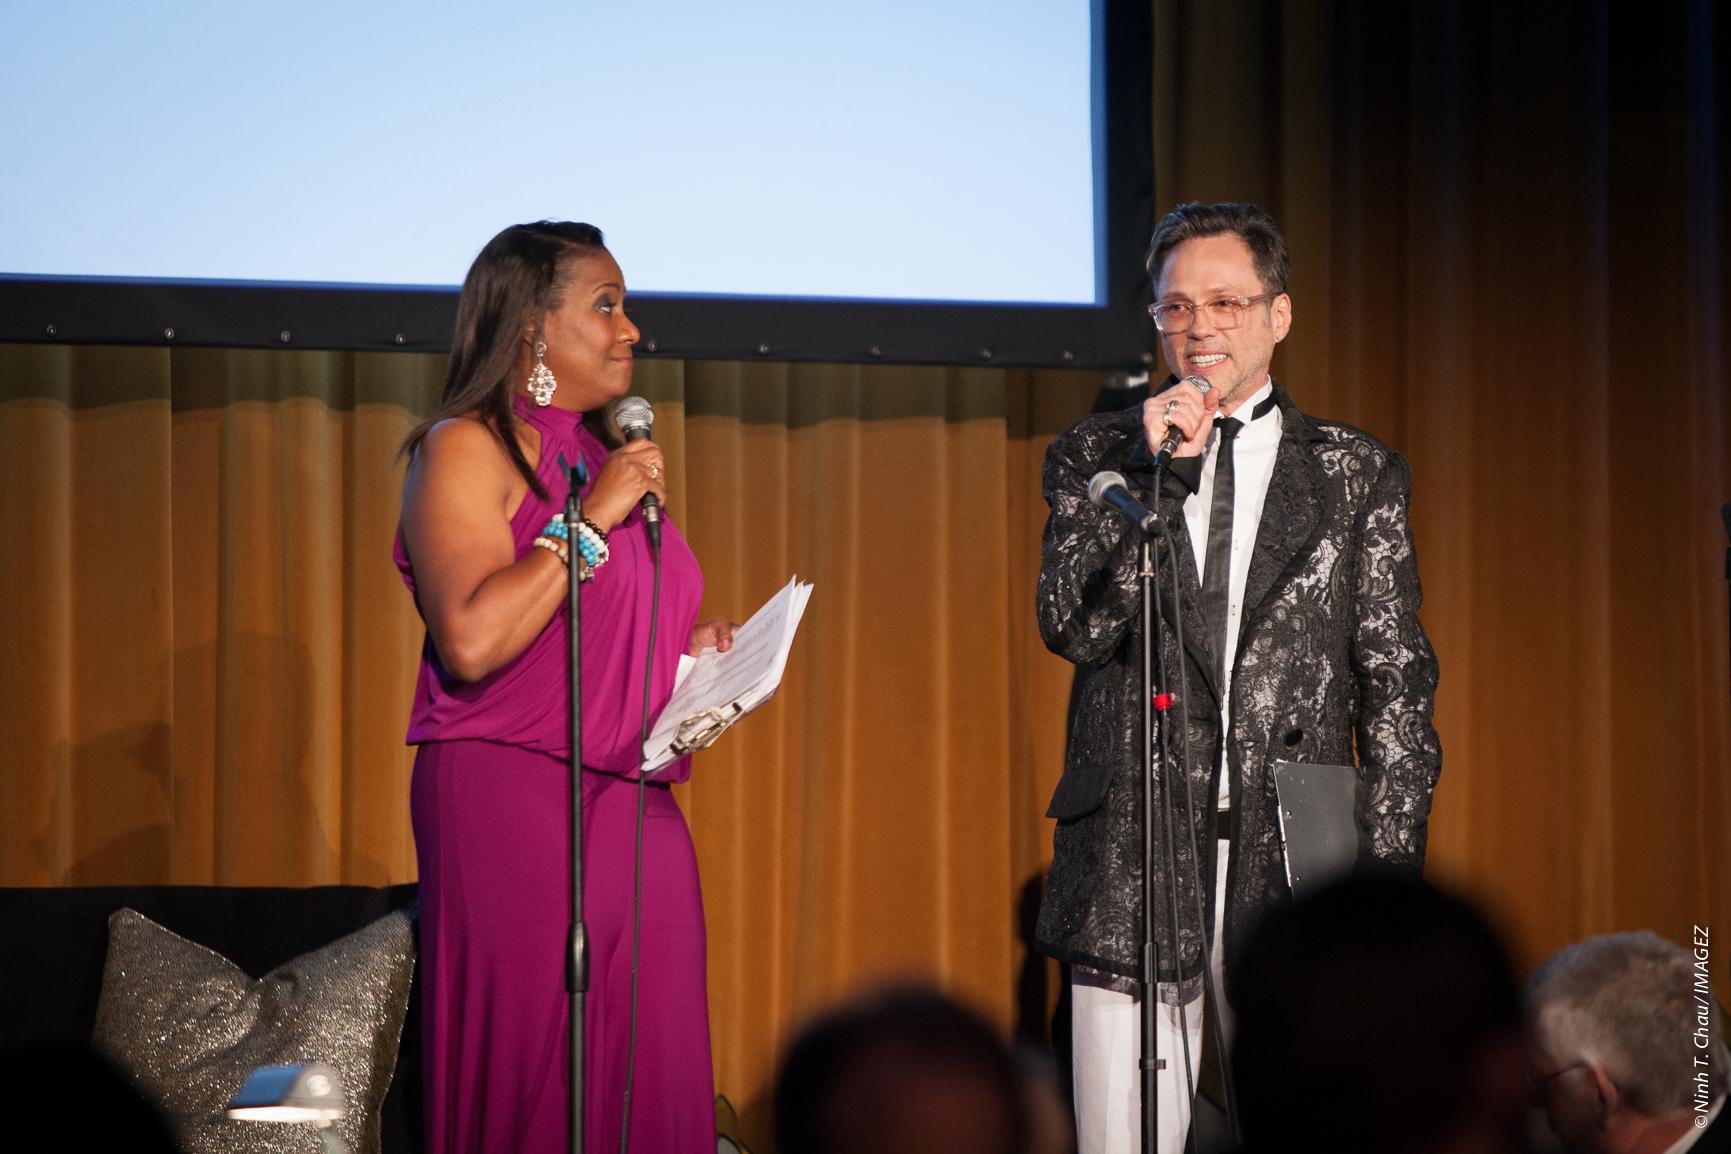 Karyn Greer & Steve Hightower